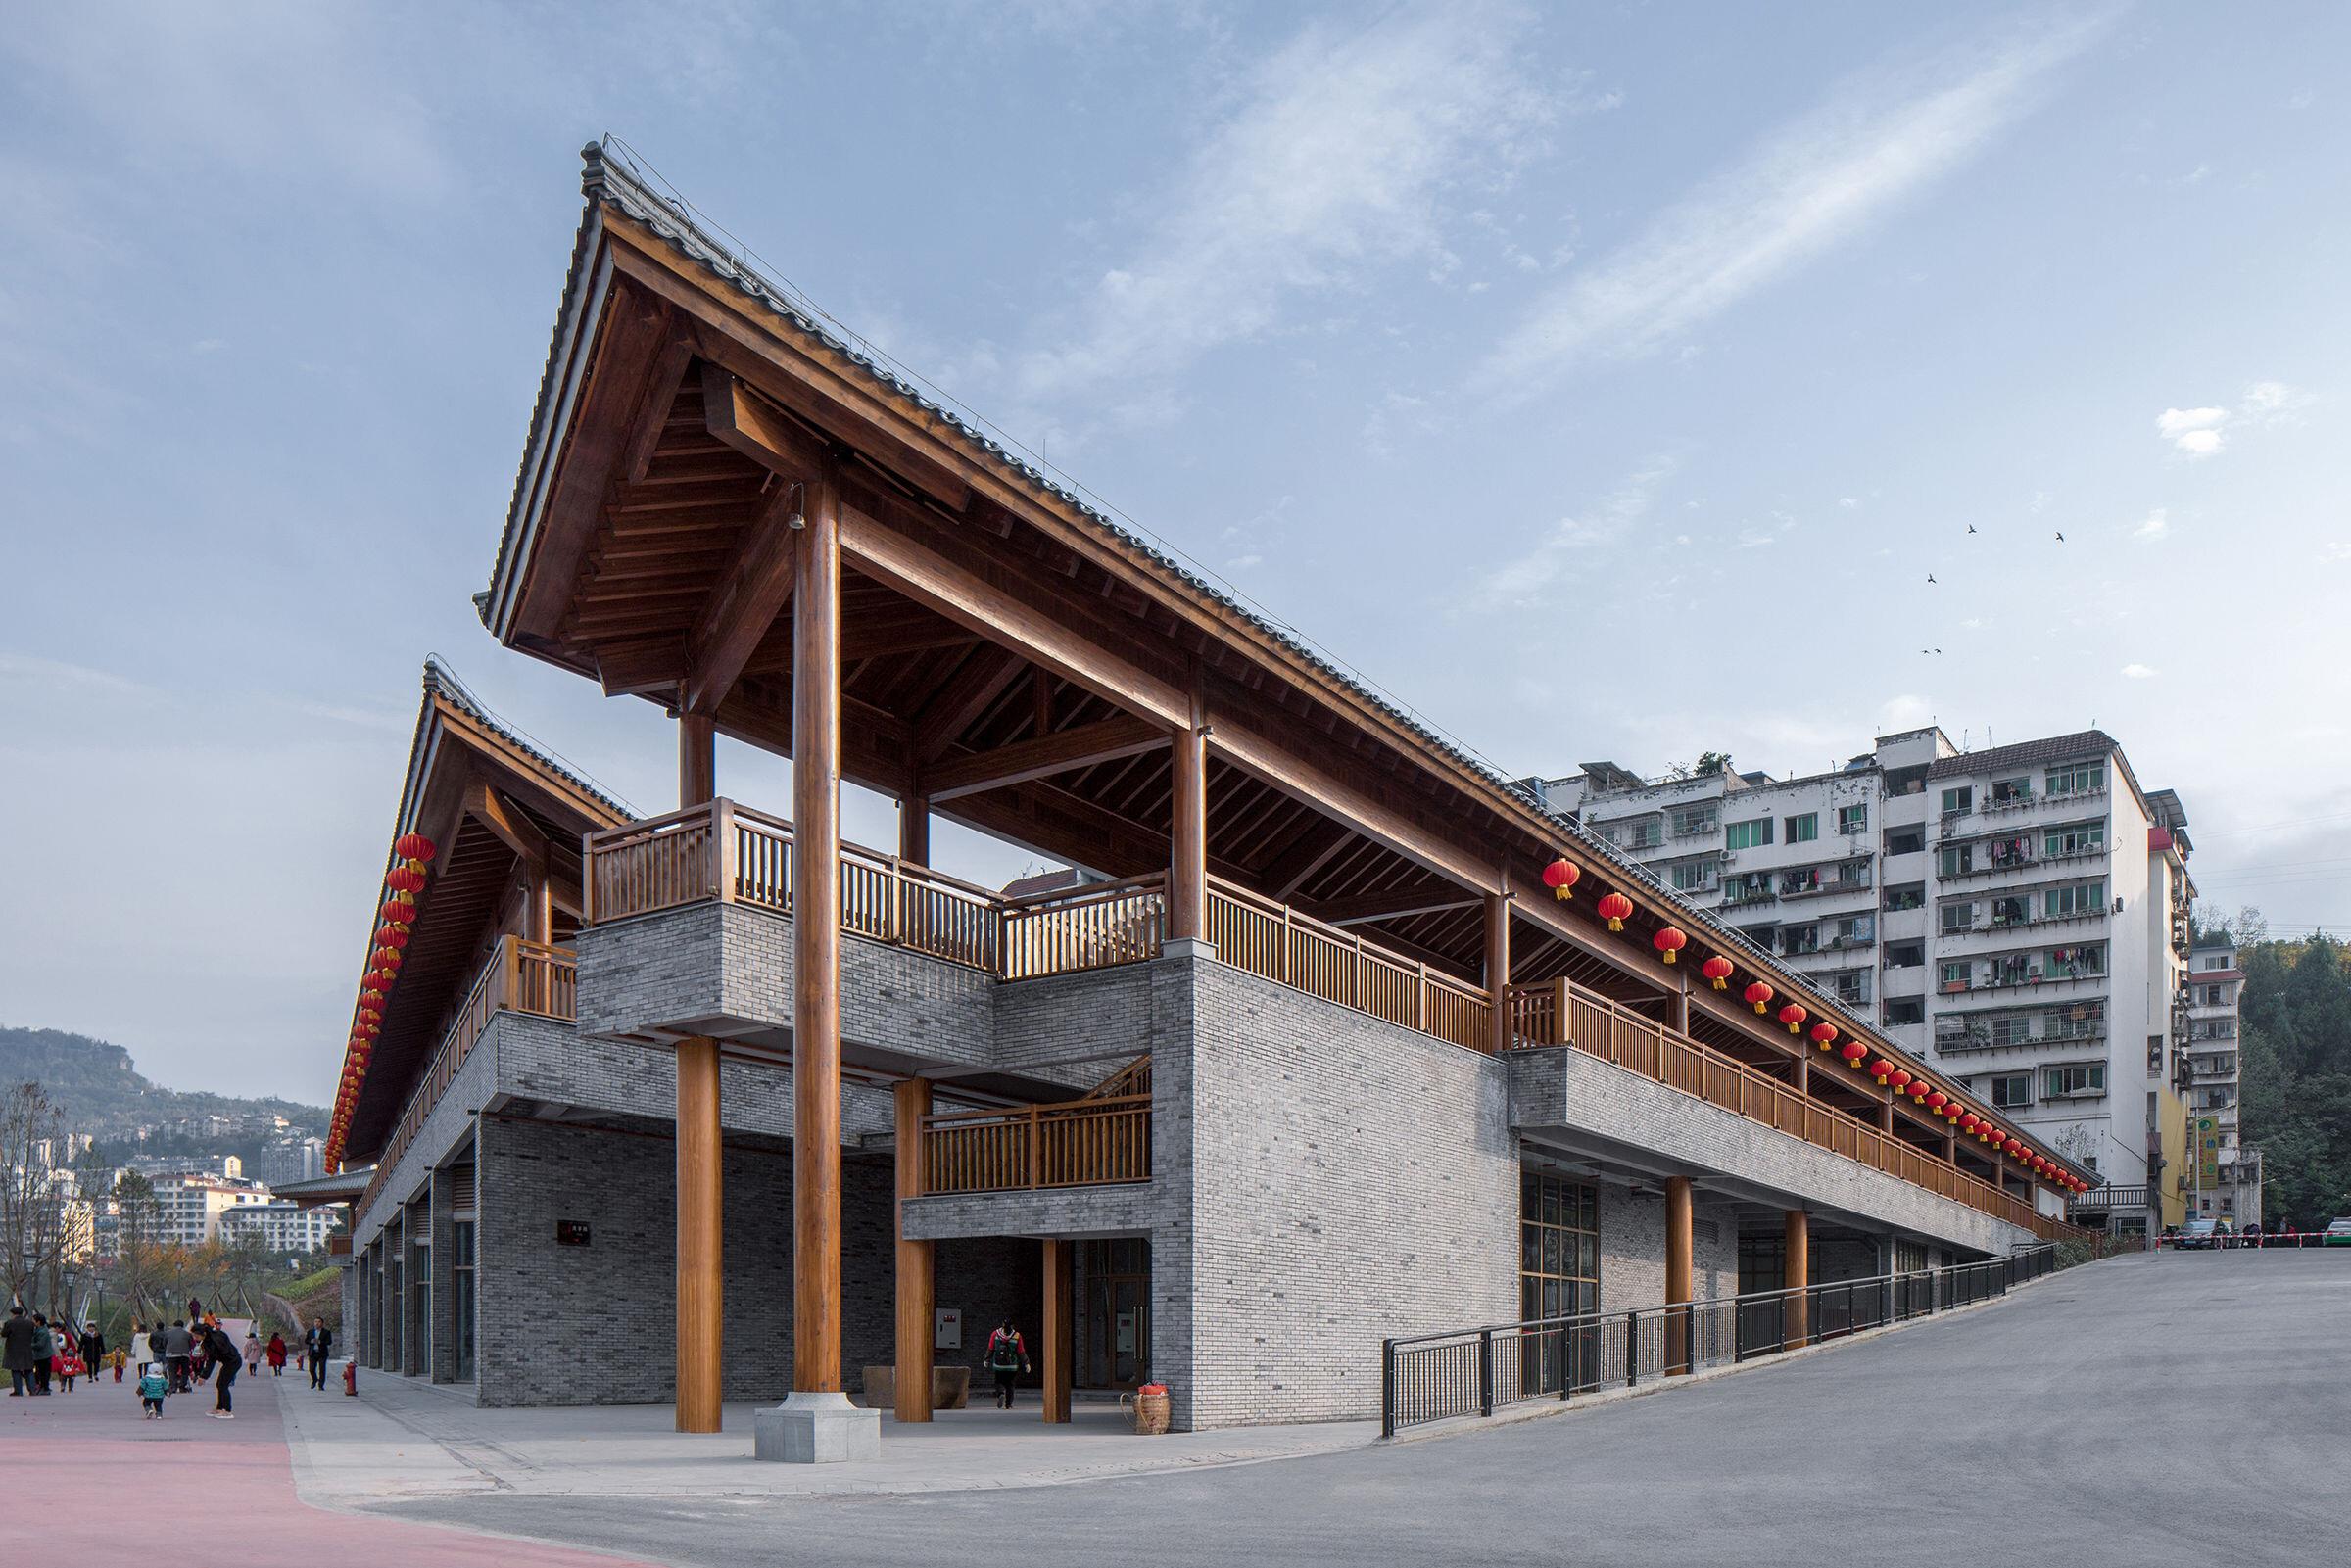 Yunyang Sifangjing Service Building